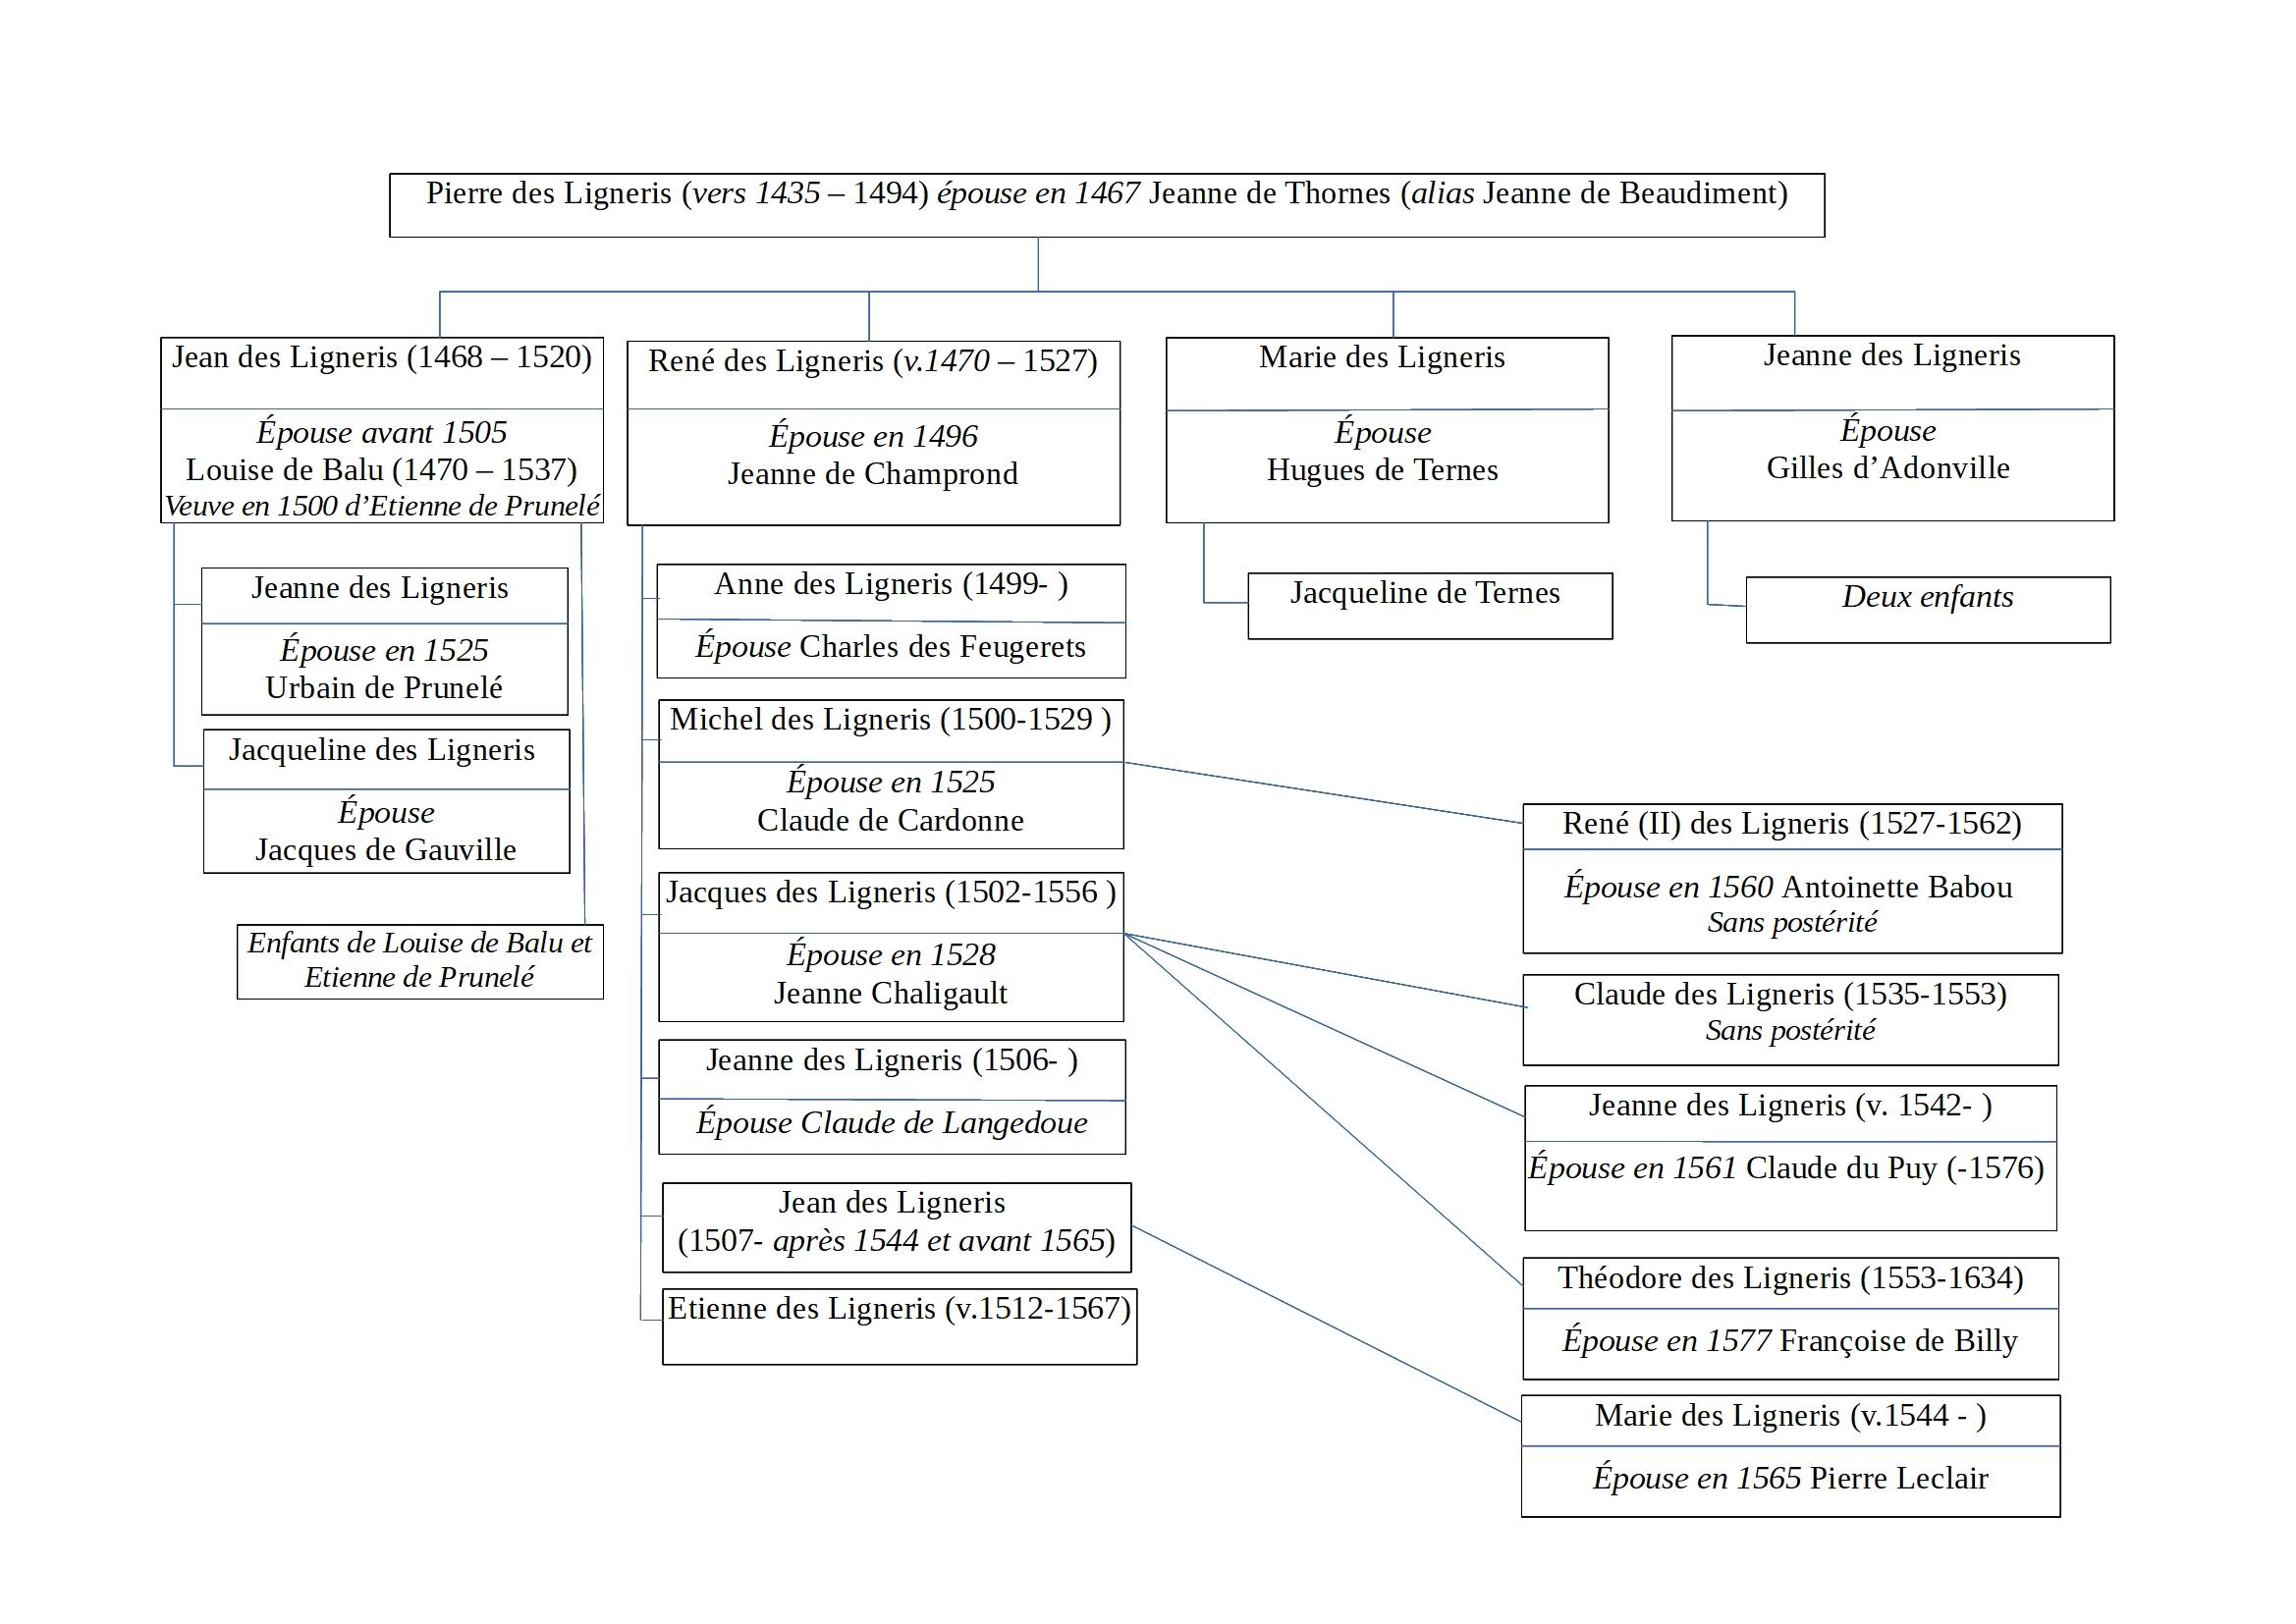 Schéma de descendance de Pierre et René des Ligneris